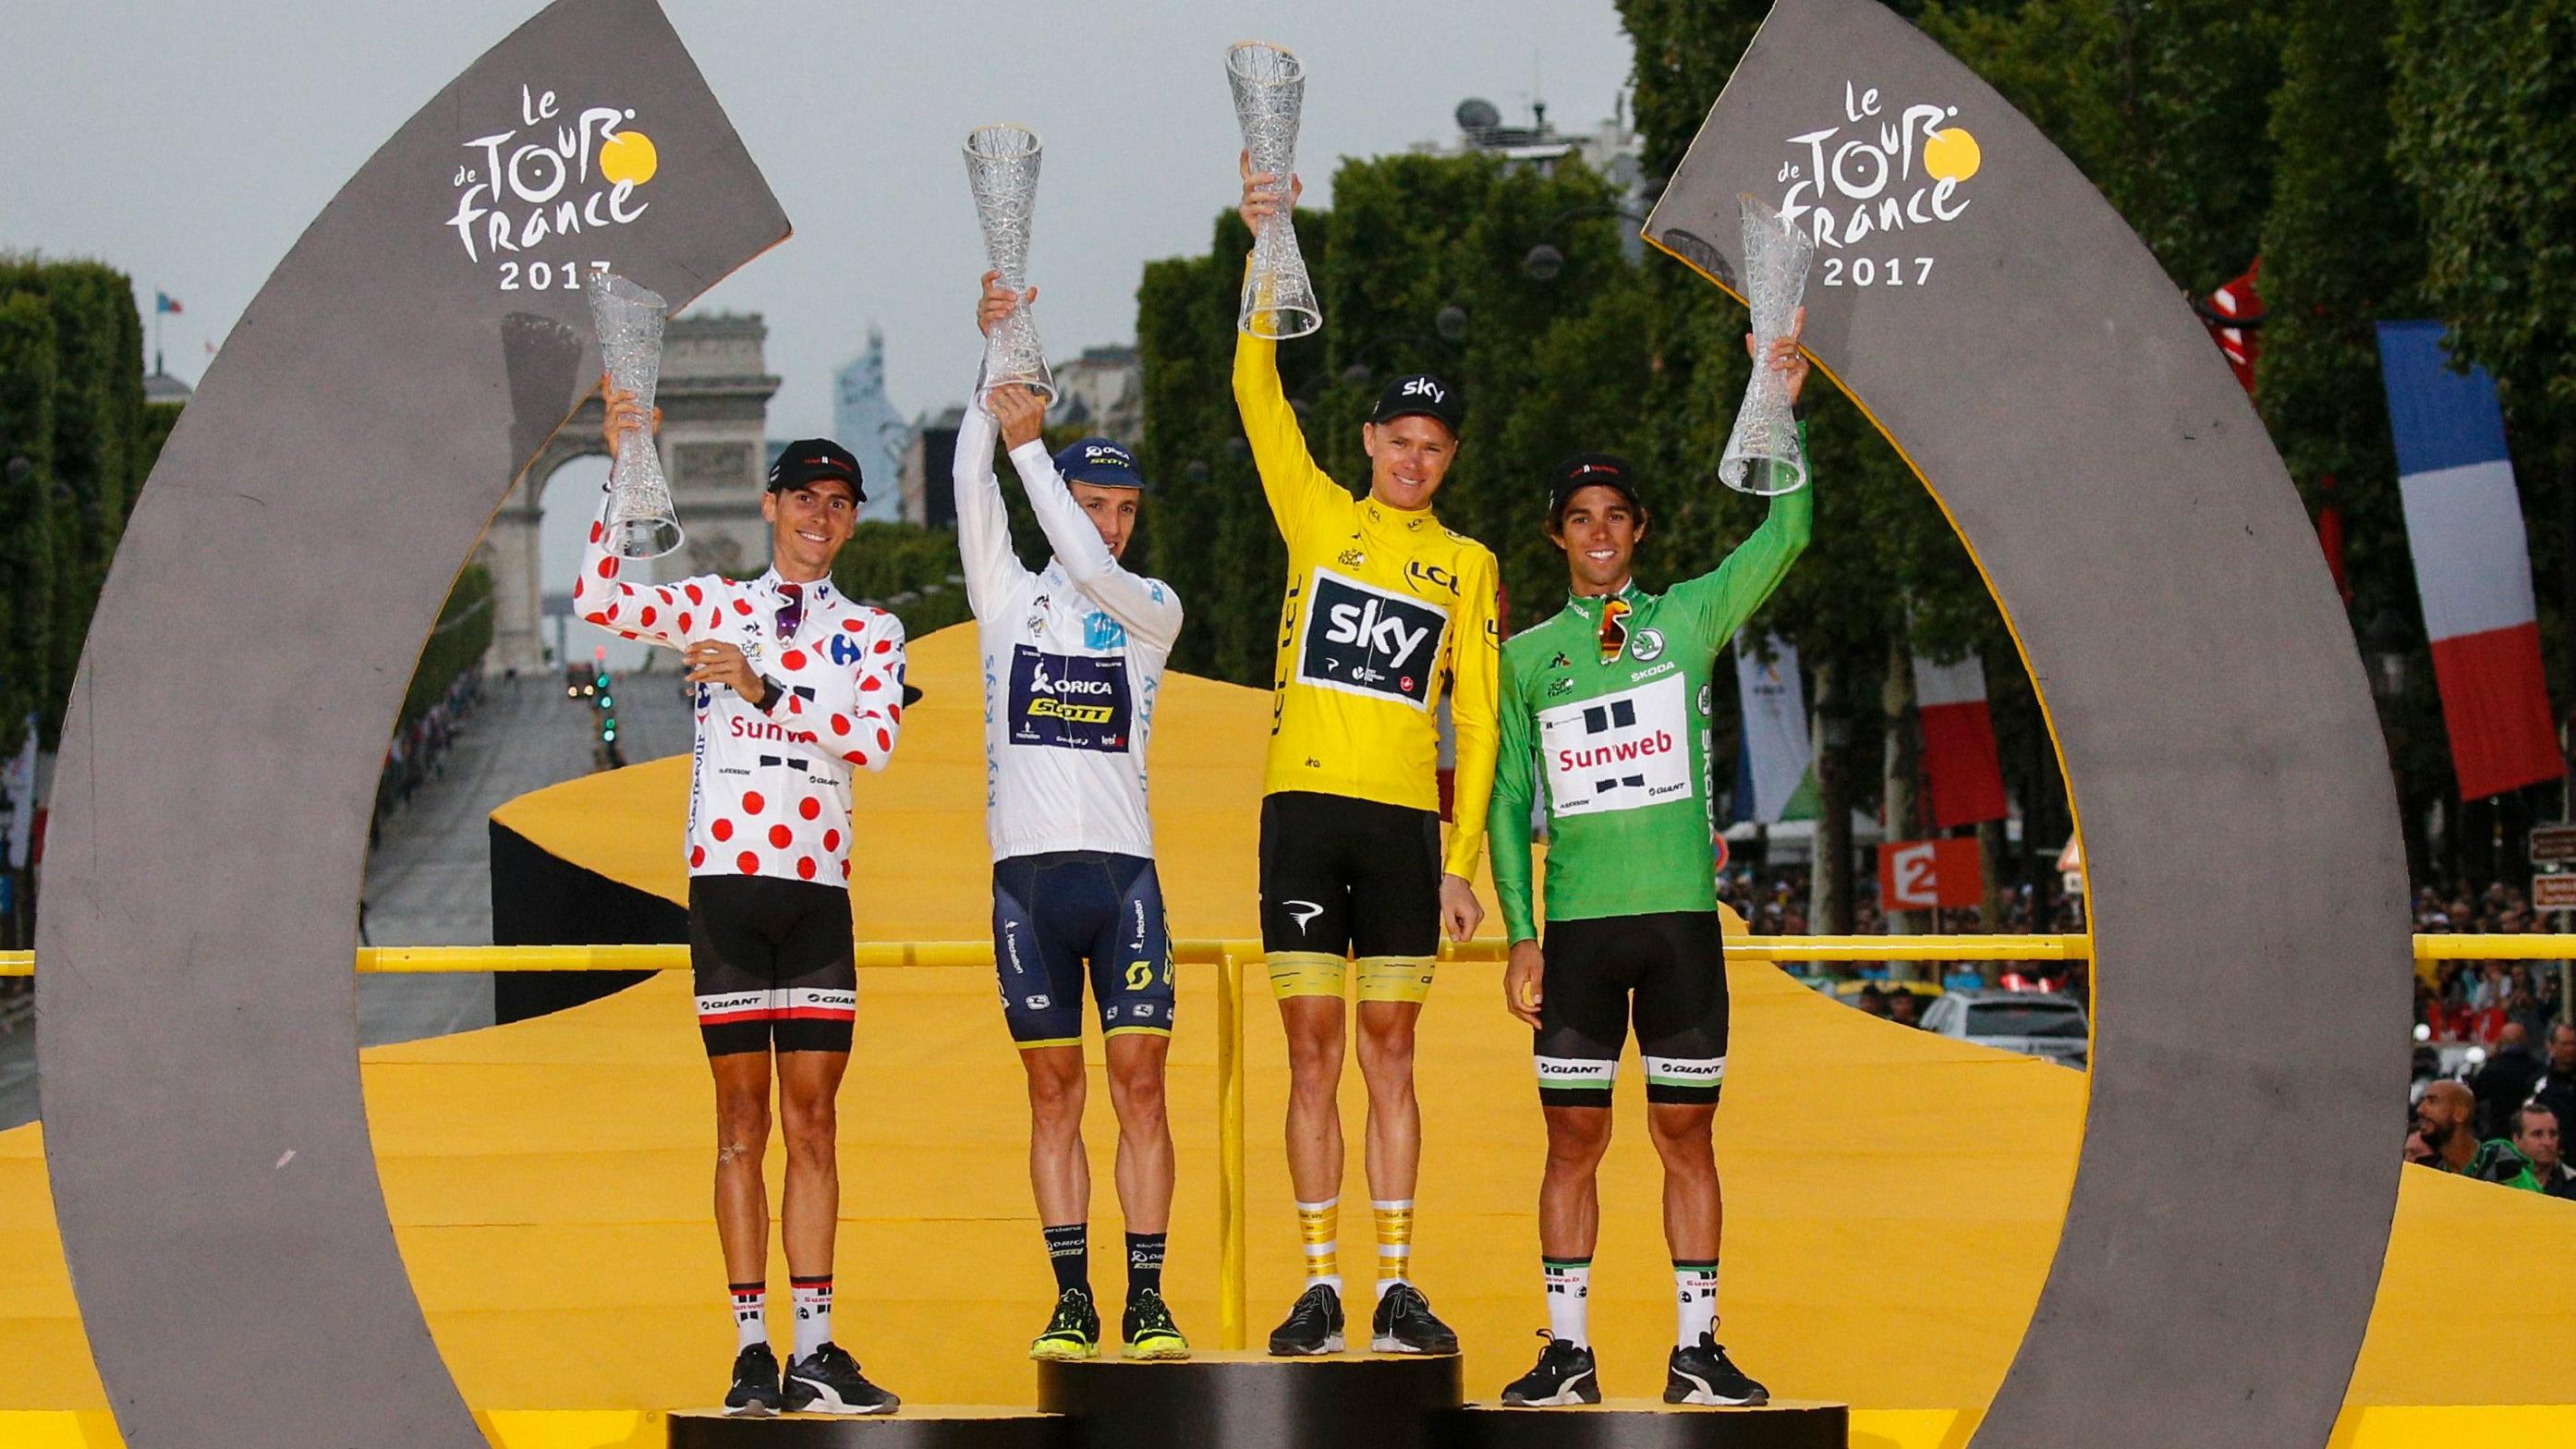 Trikots Tour De France